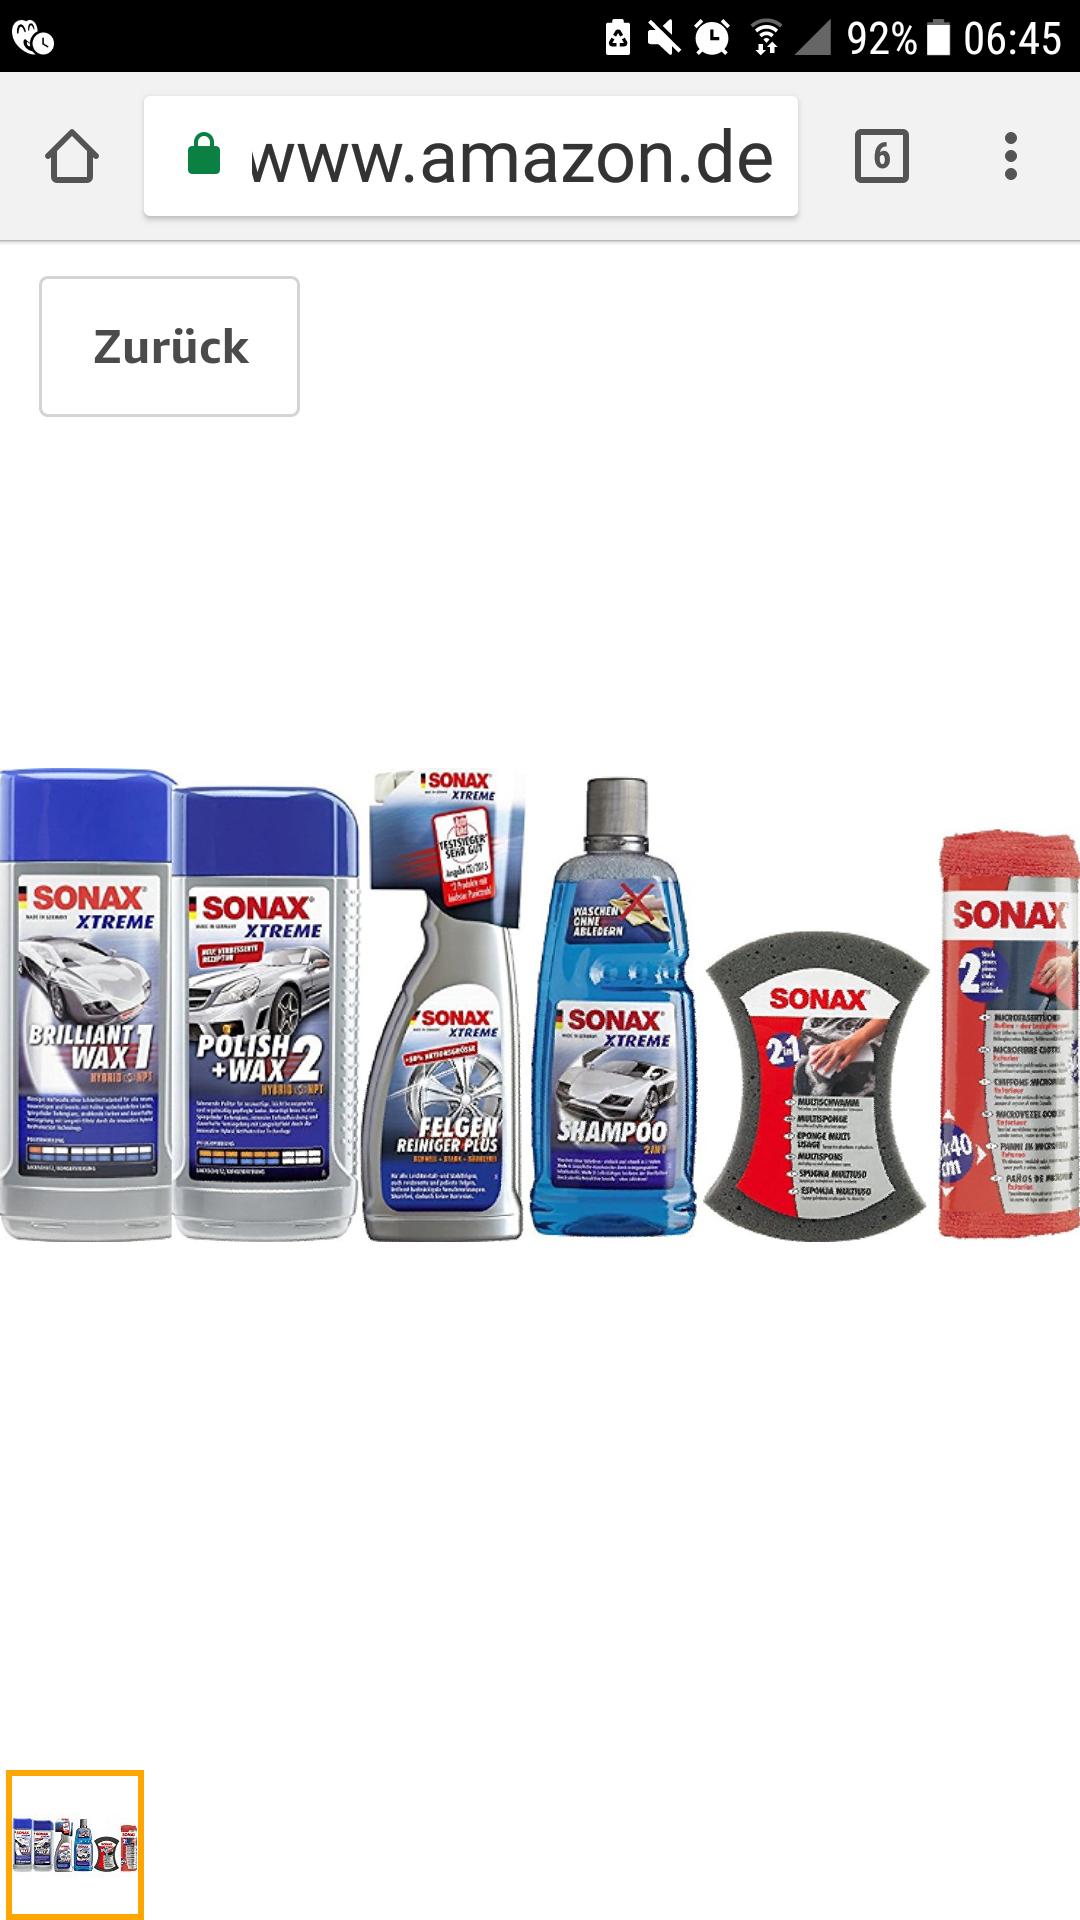 SONAX AutopflegeSet , 6 Teile wieder verfügbar